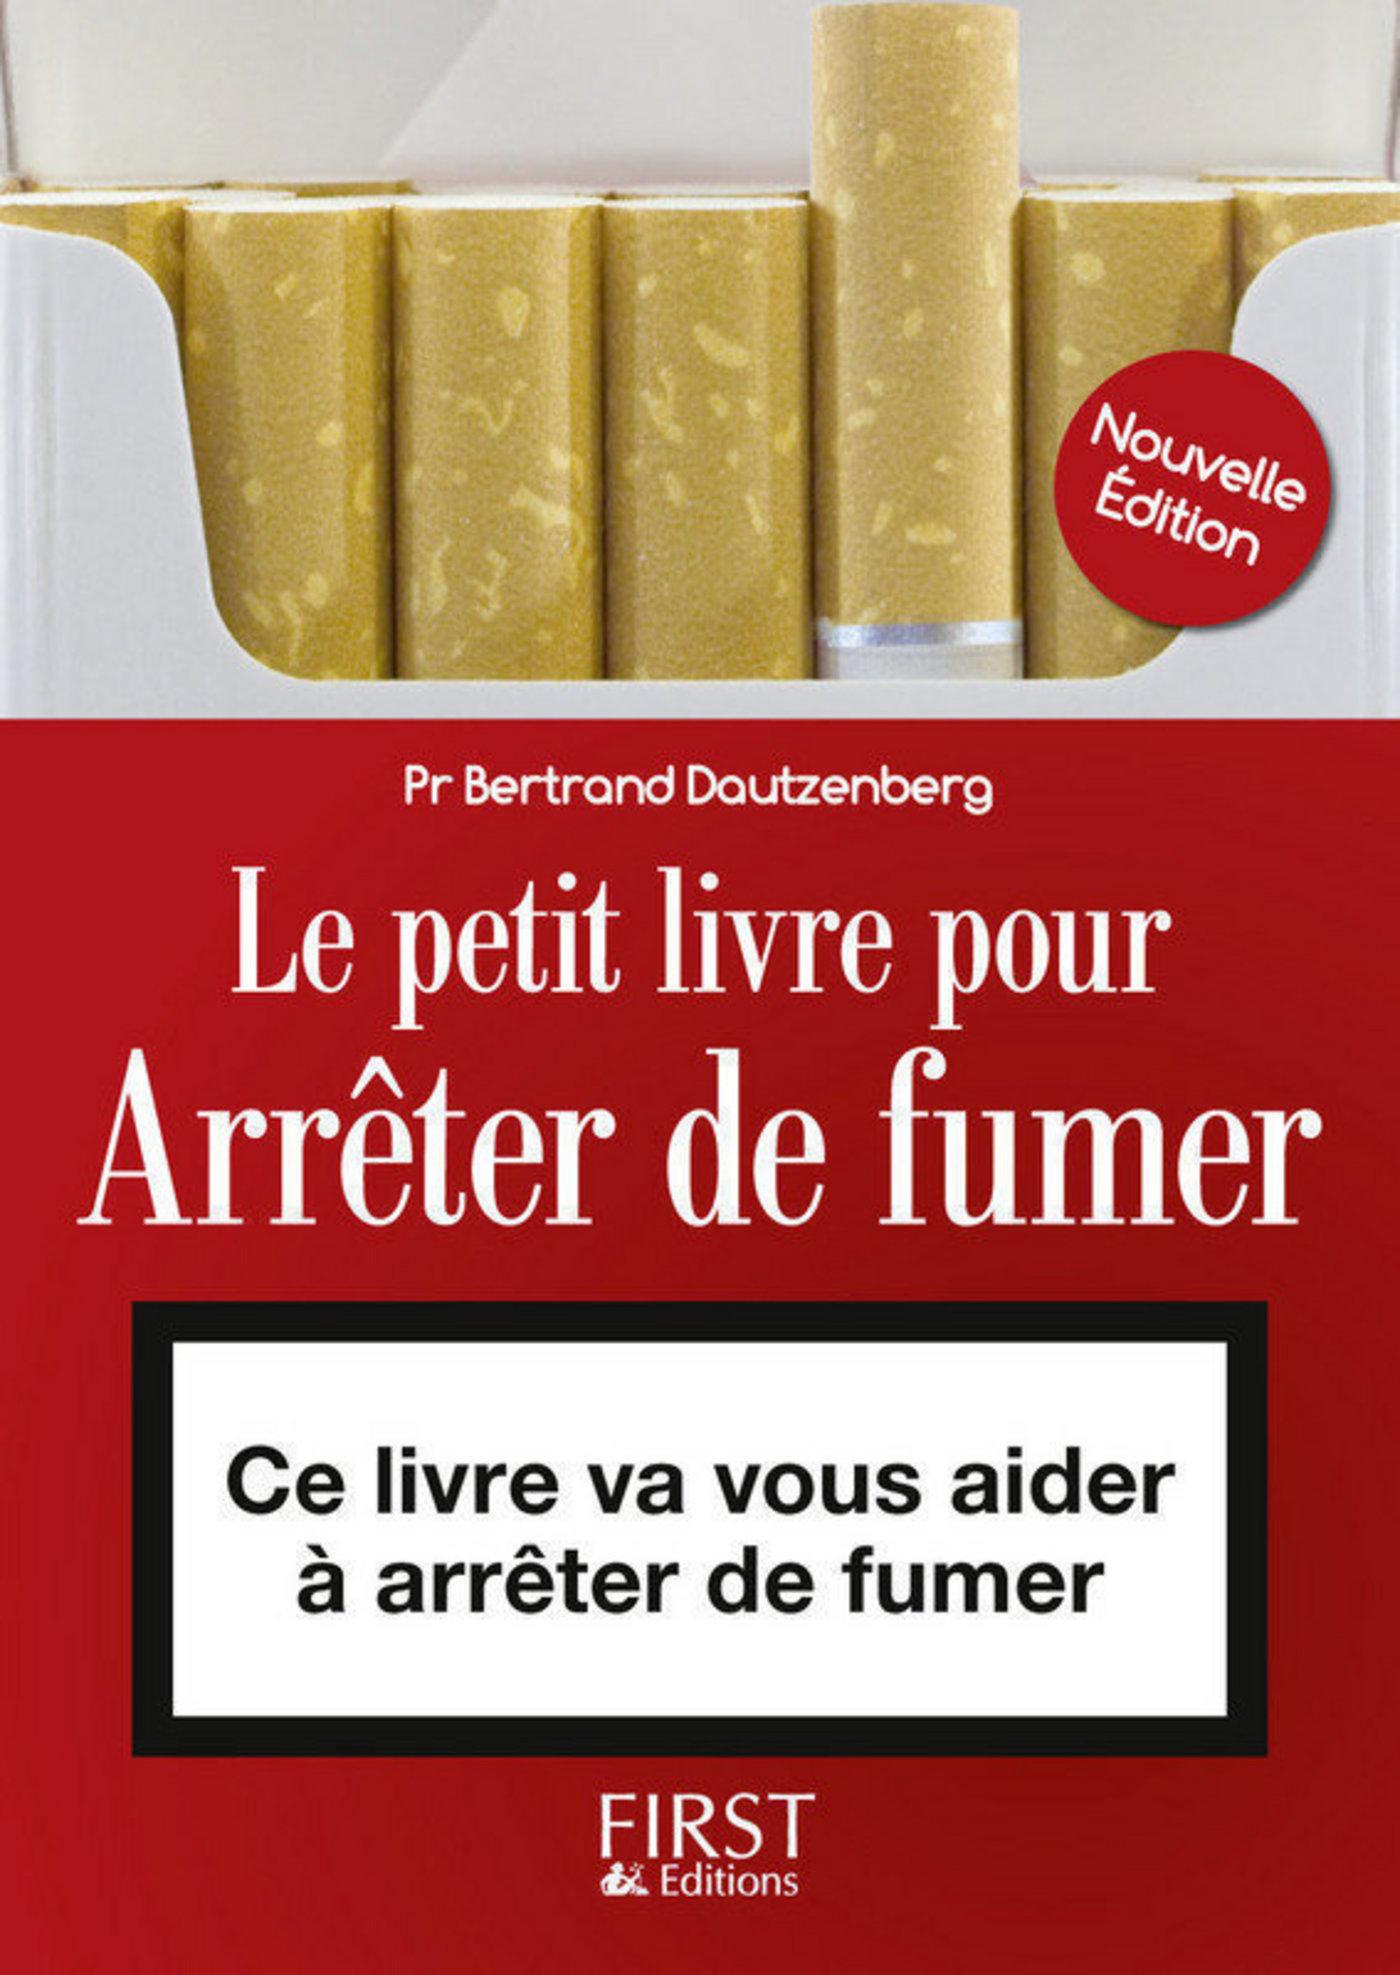 le petit livre de s 39 arr ter de fumer bertrand dautzenberg sant et bien tre. Black Bedroom Furniture Sets. Home Design Ideas